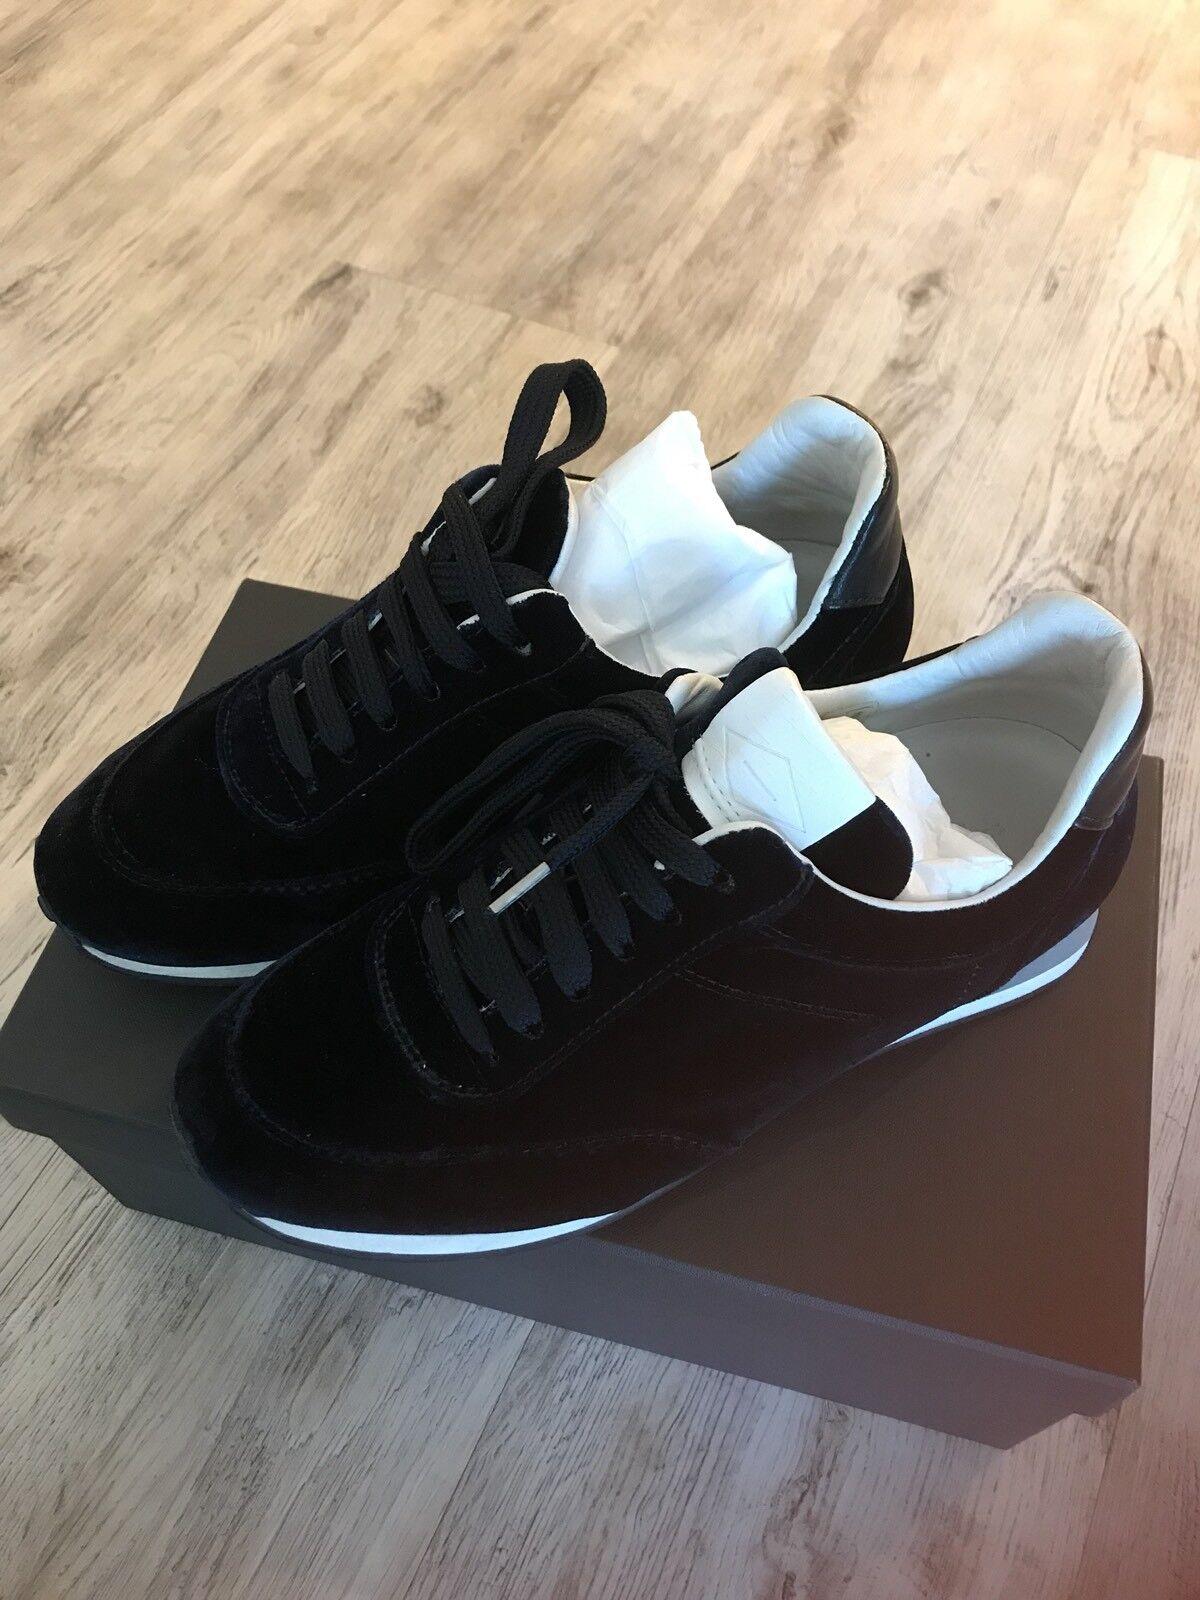 Rag & Bone Dylan Runner-Navy Velvet Women's Sneakers/Shoes EU37.5 US7.5 *USED*